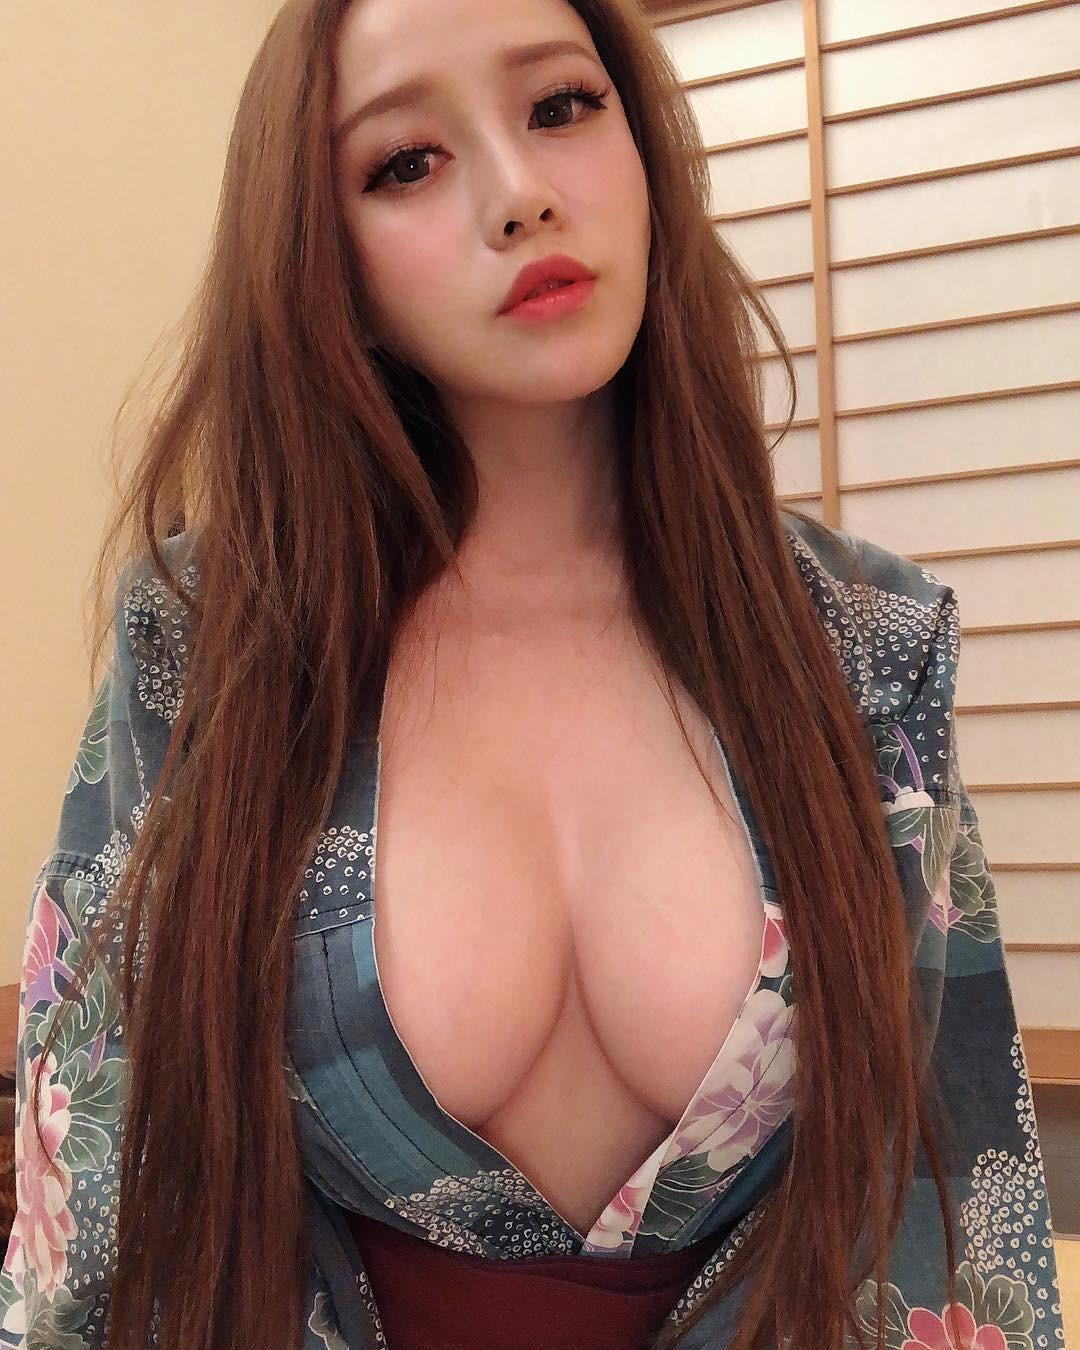 ▲張語昕對自己的豪乳非常驕傲,經常放送性感辣照。(圖/翻攝自張語昕Instagram)